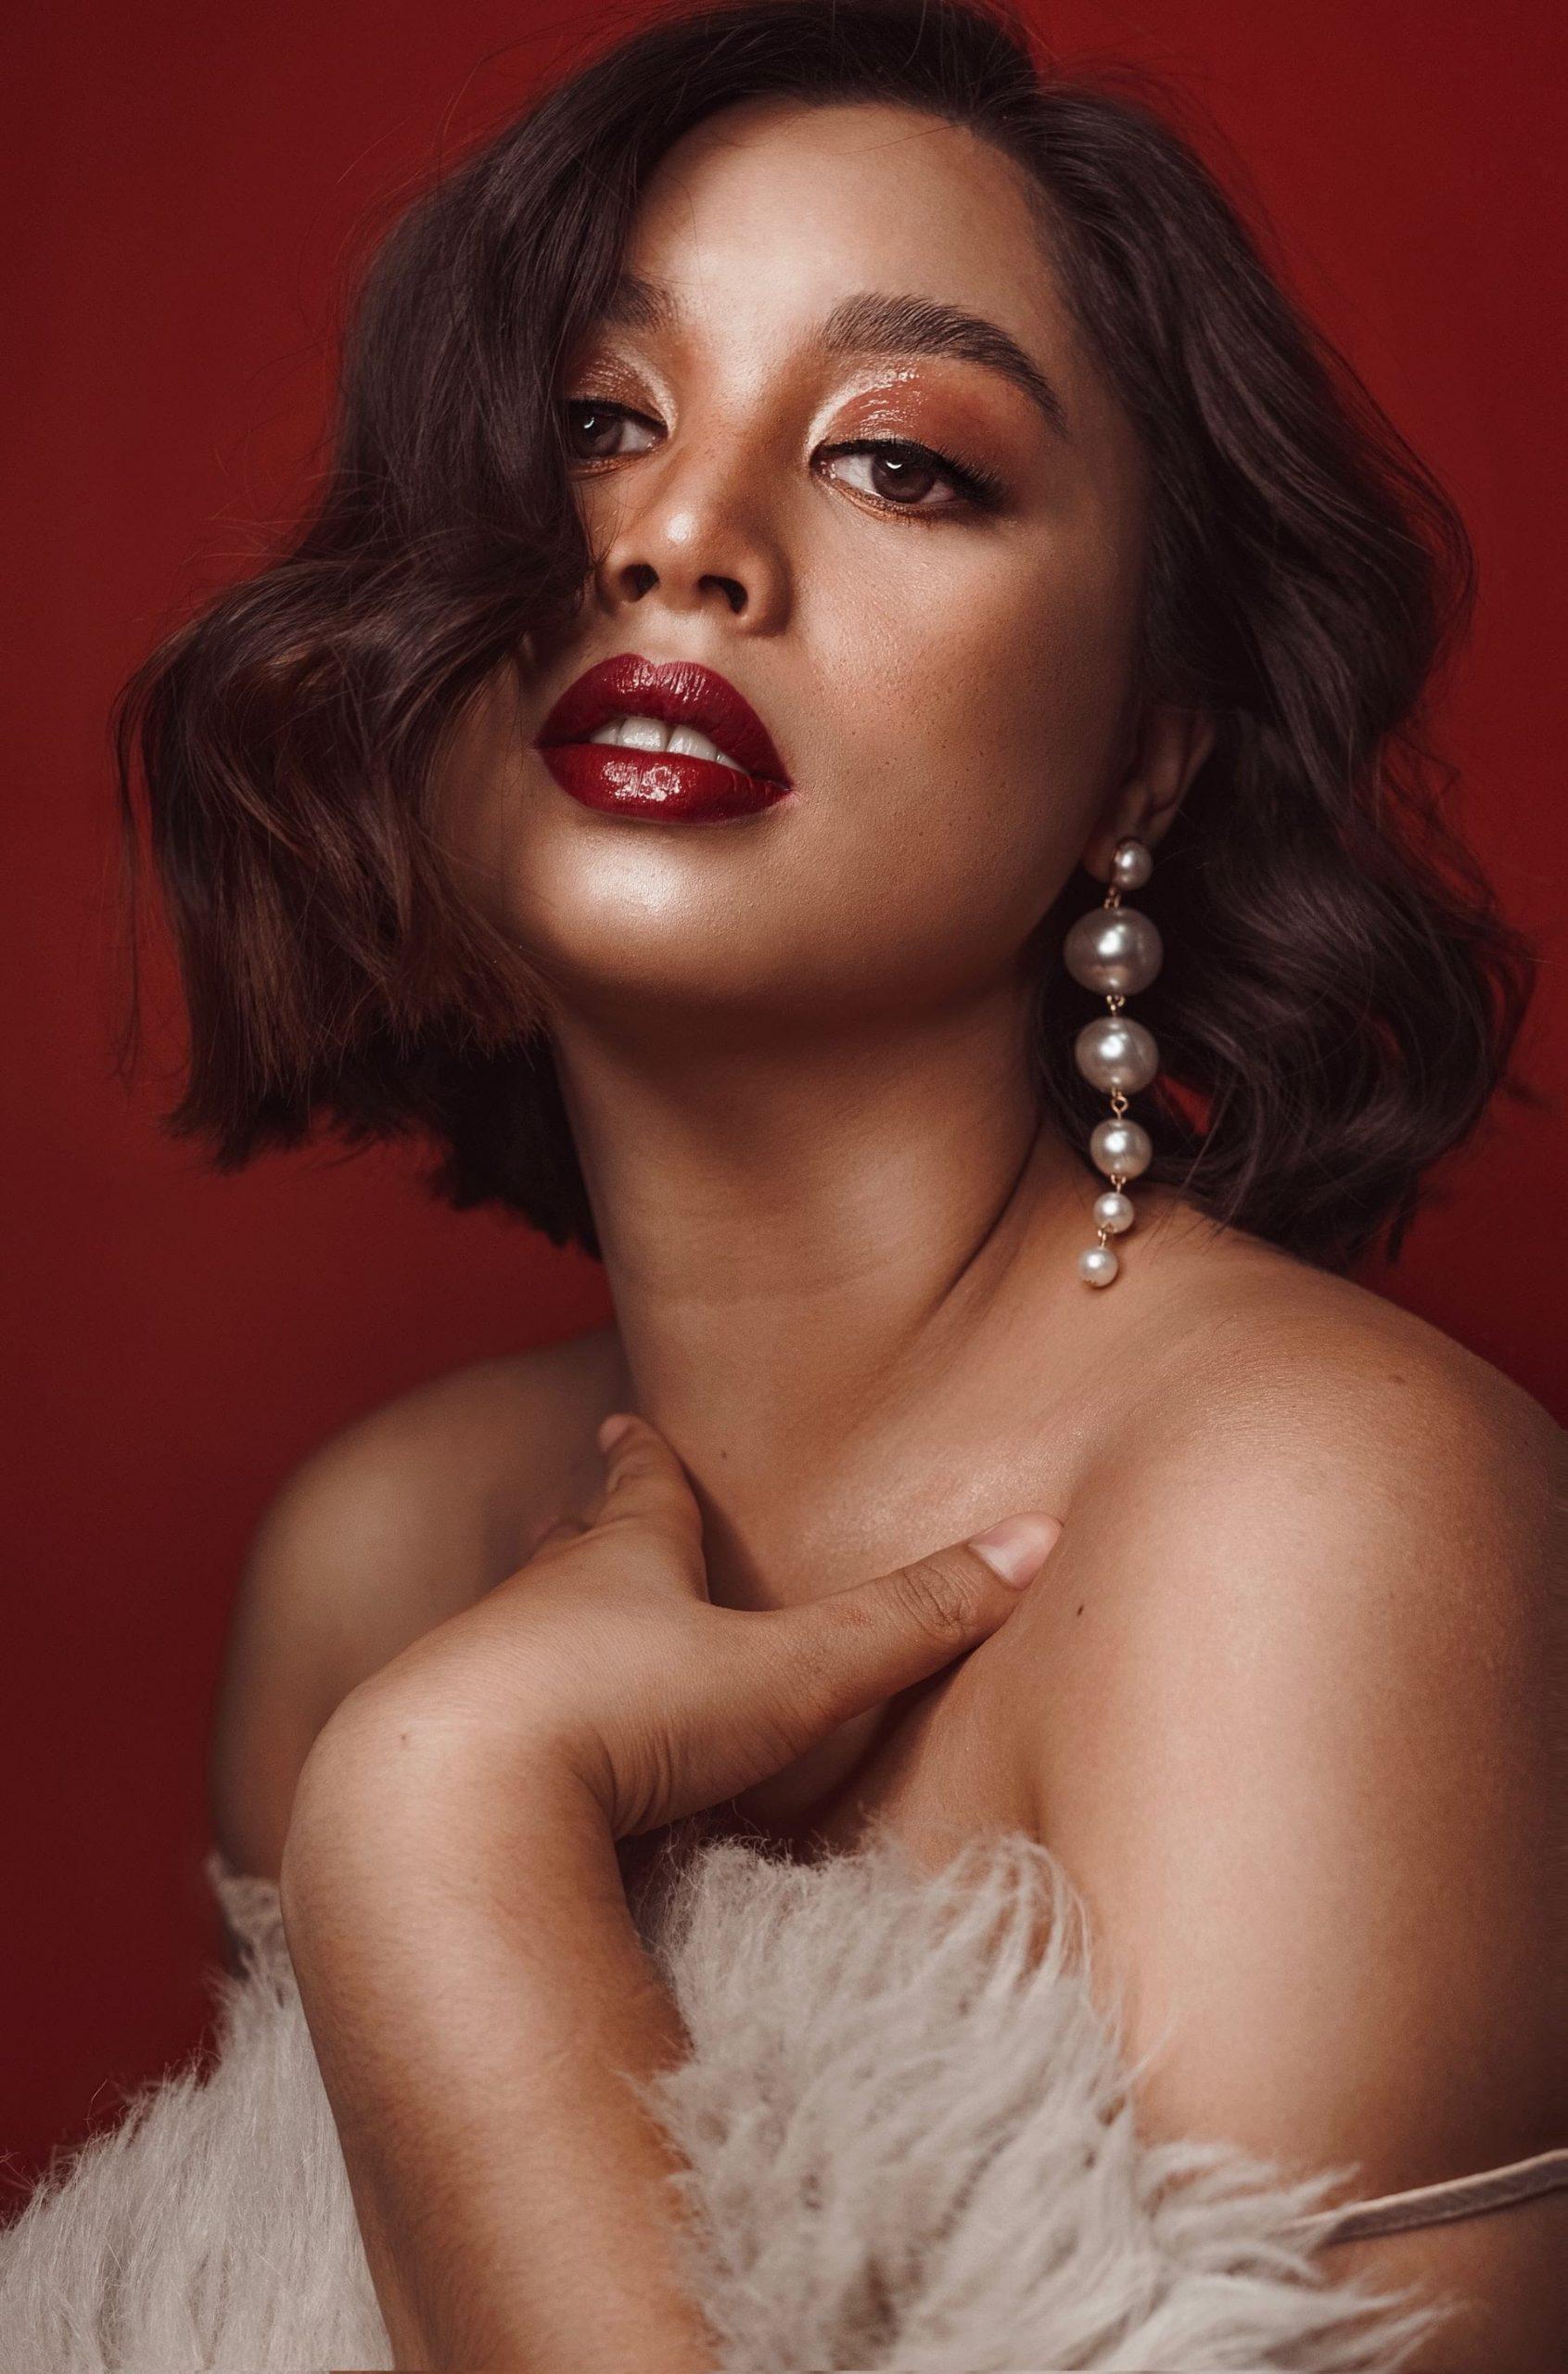 woman wearing pearl earrings